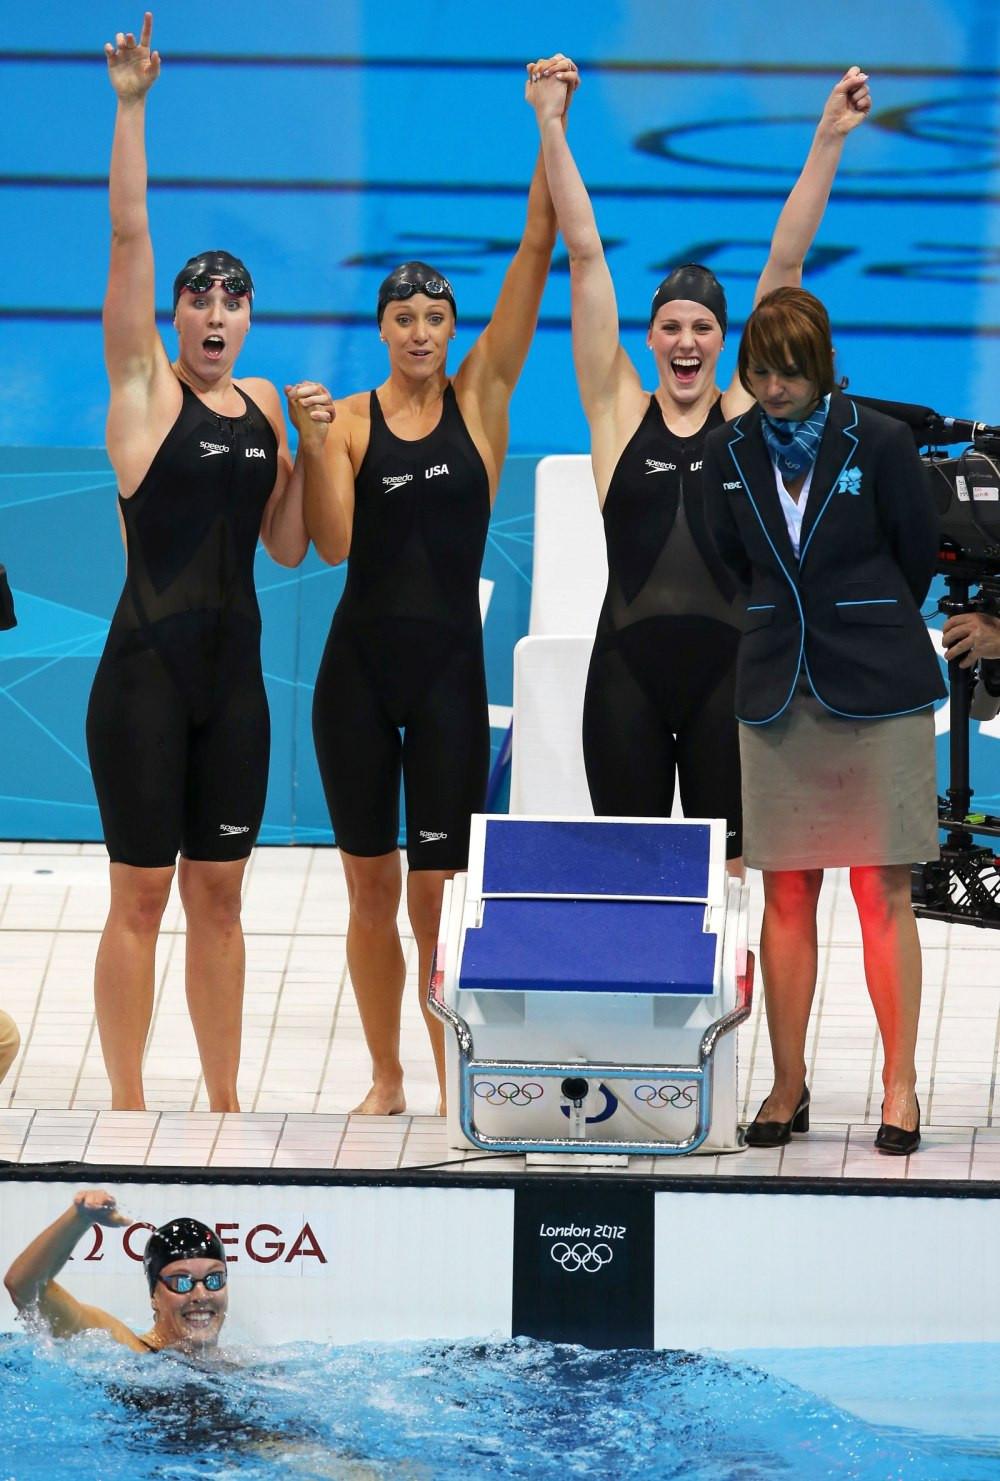 Đồ bơi tại Olympic từng may bằng vải xuyên thấu, trở nên trong suốt dưới nước - 6